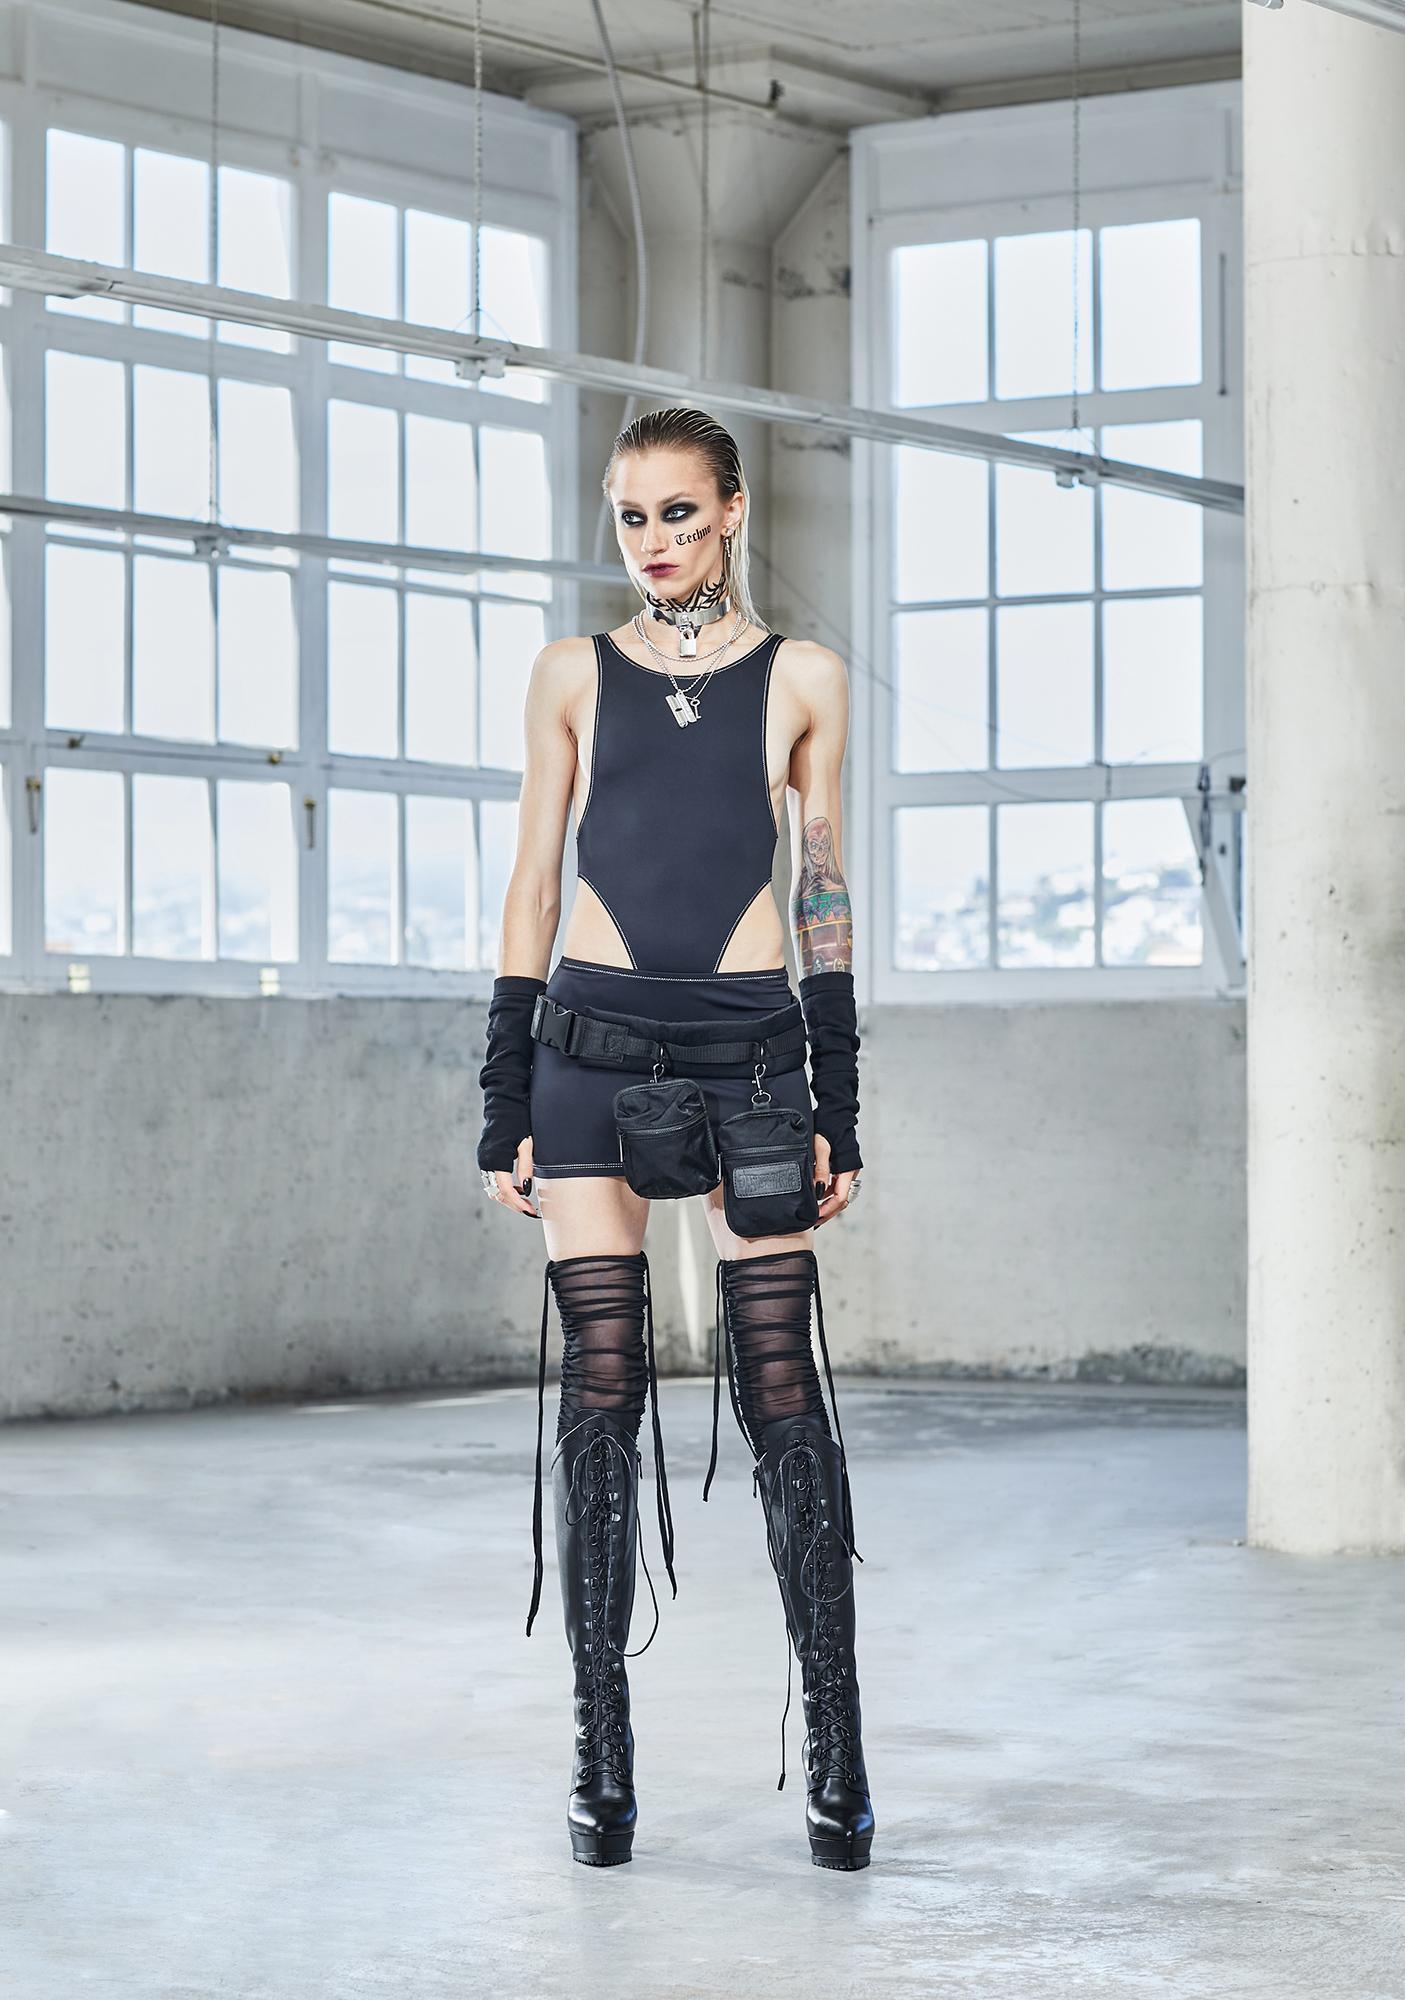 DARKER WAVS Bassline High Waist Contrast Stitch Bodysuit